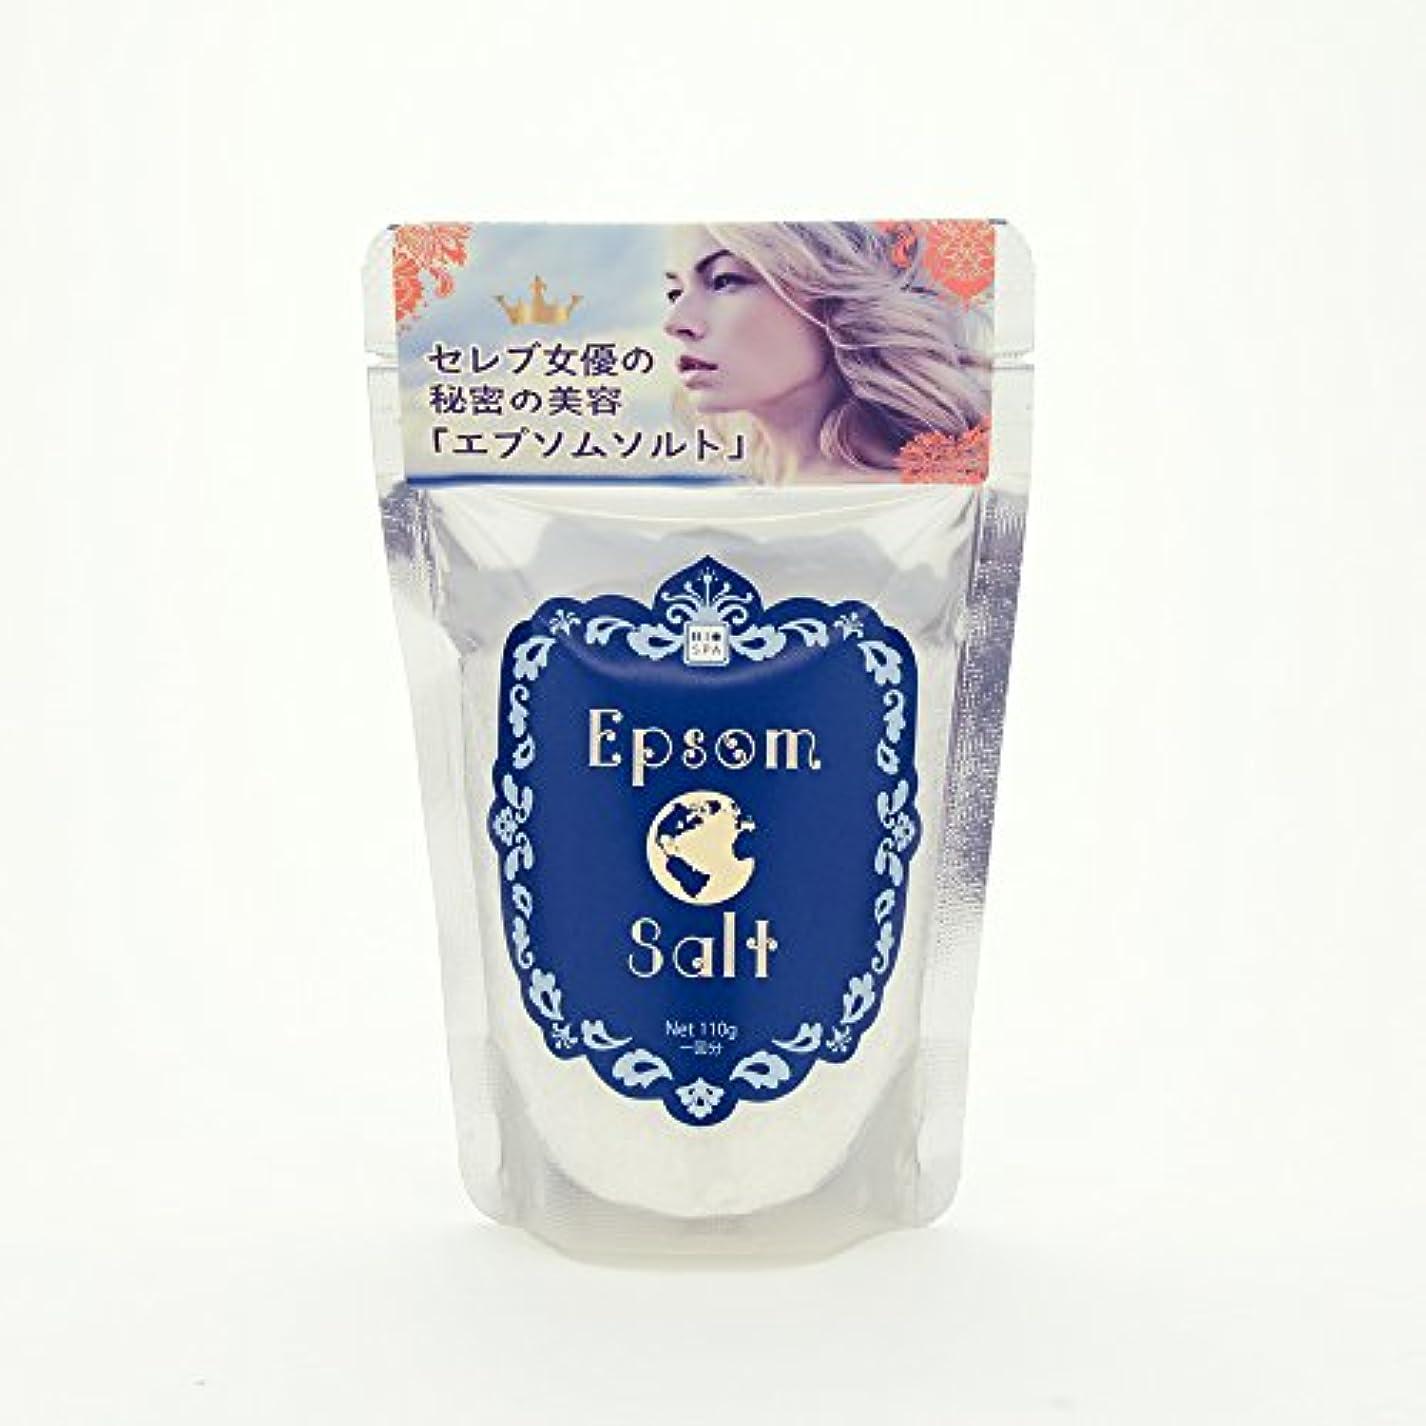 おびえた高度な離れたビオスパ エプソムソルト【110g/1回分】(浴用化粧品)